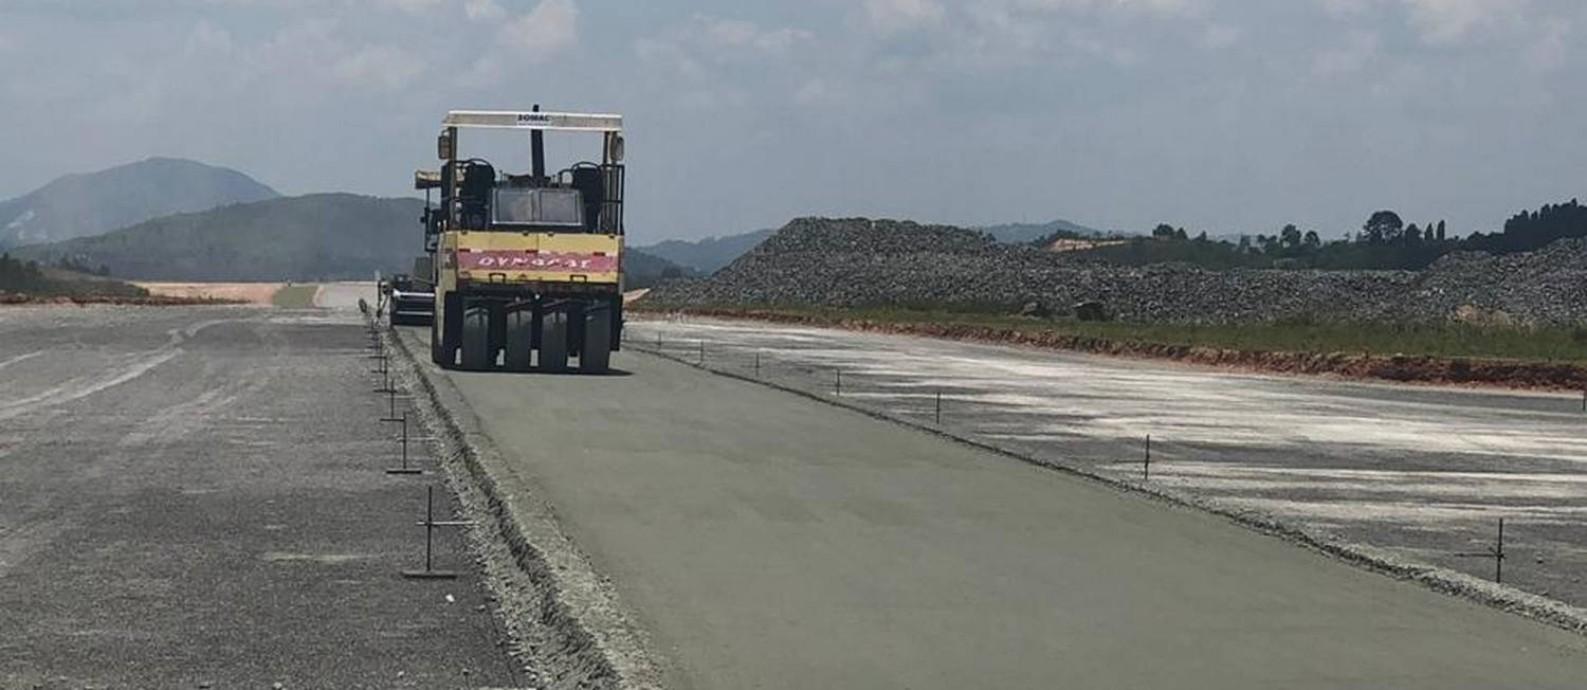 Obra do aeroporto de São Roque: na fase do estanqueamento dos hangares Foto: Divulgação / JHSF